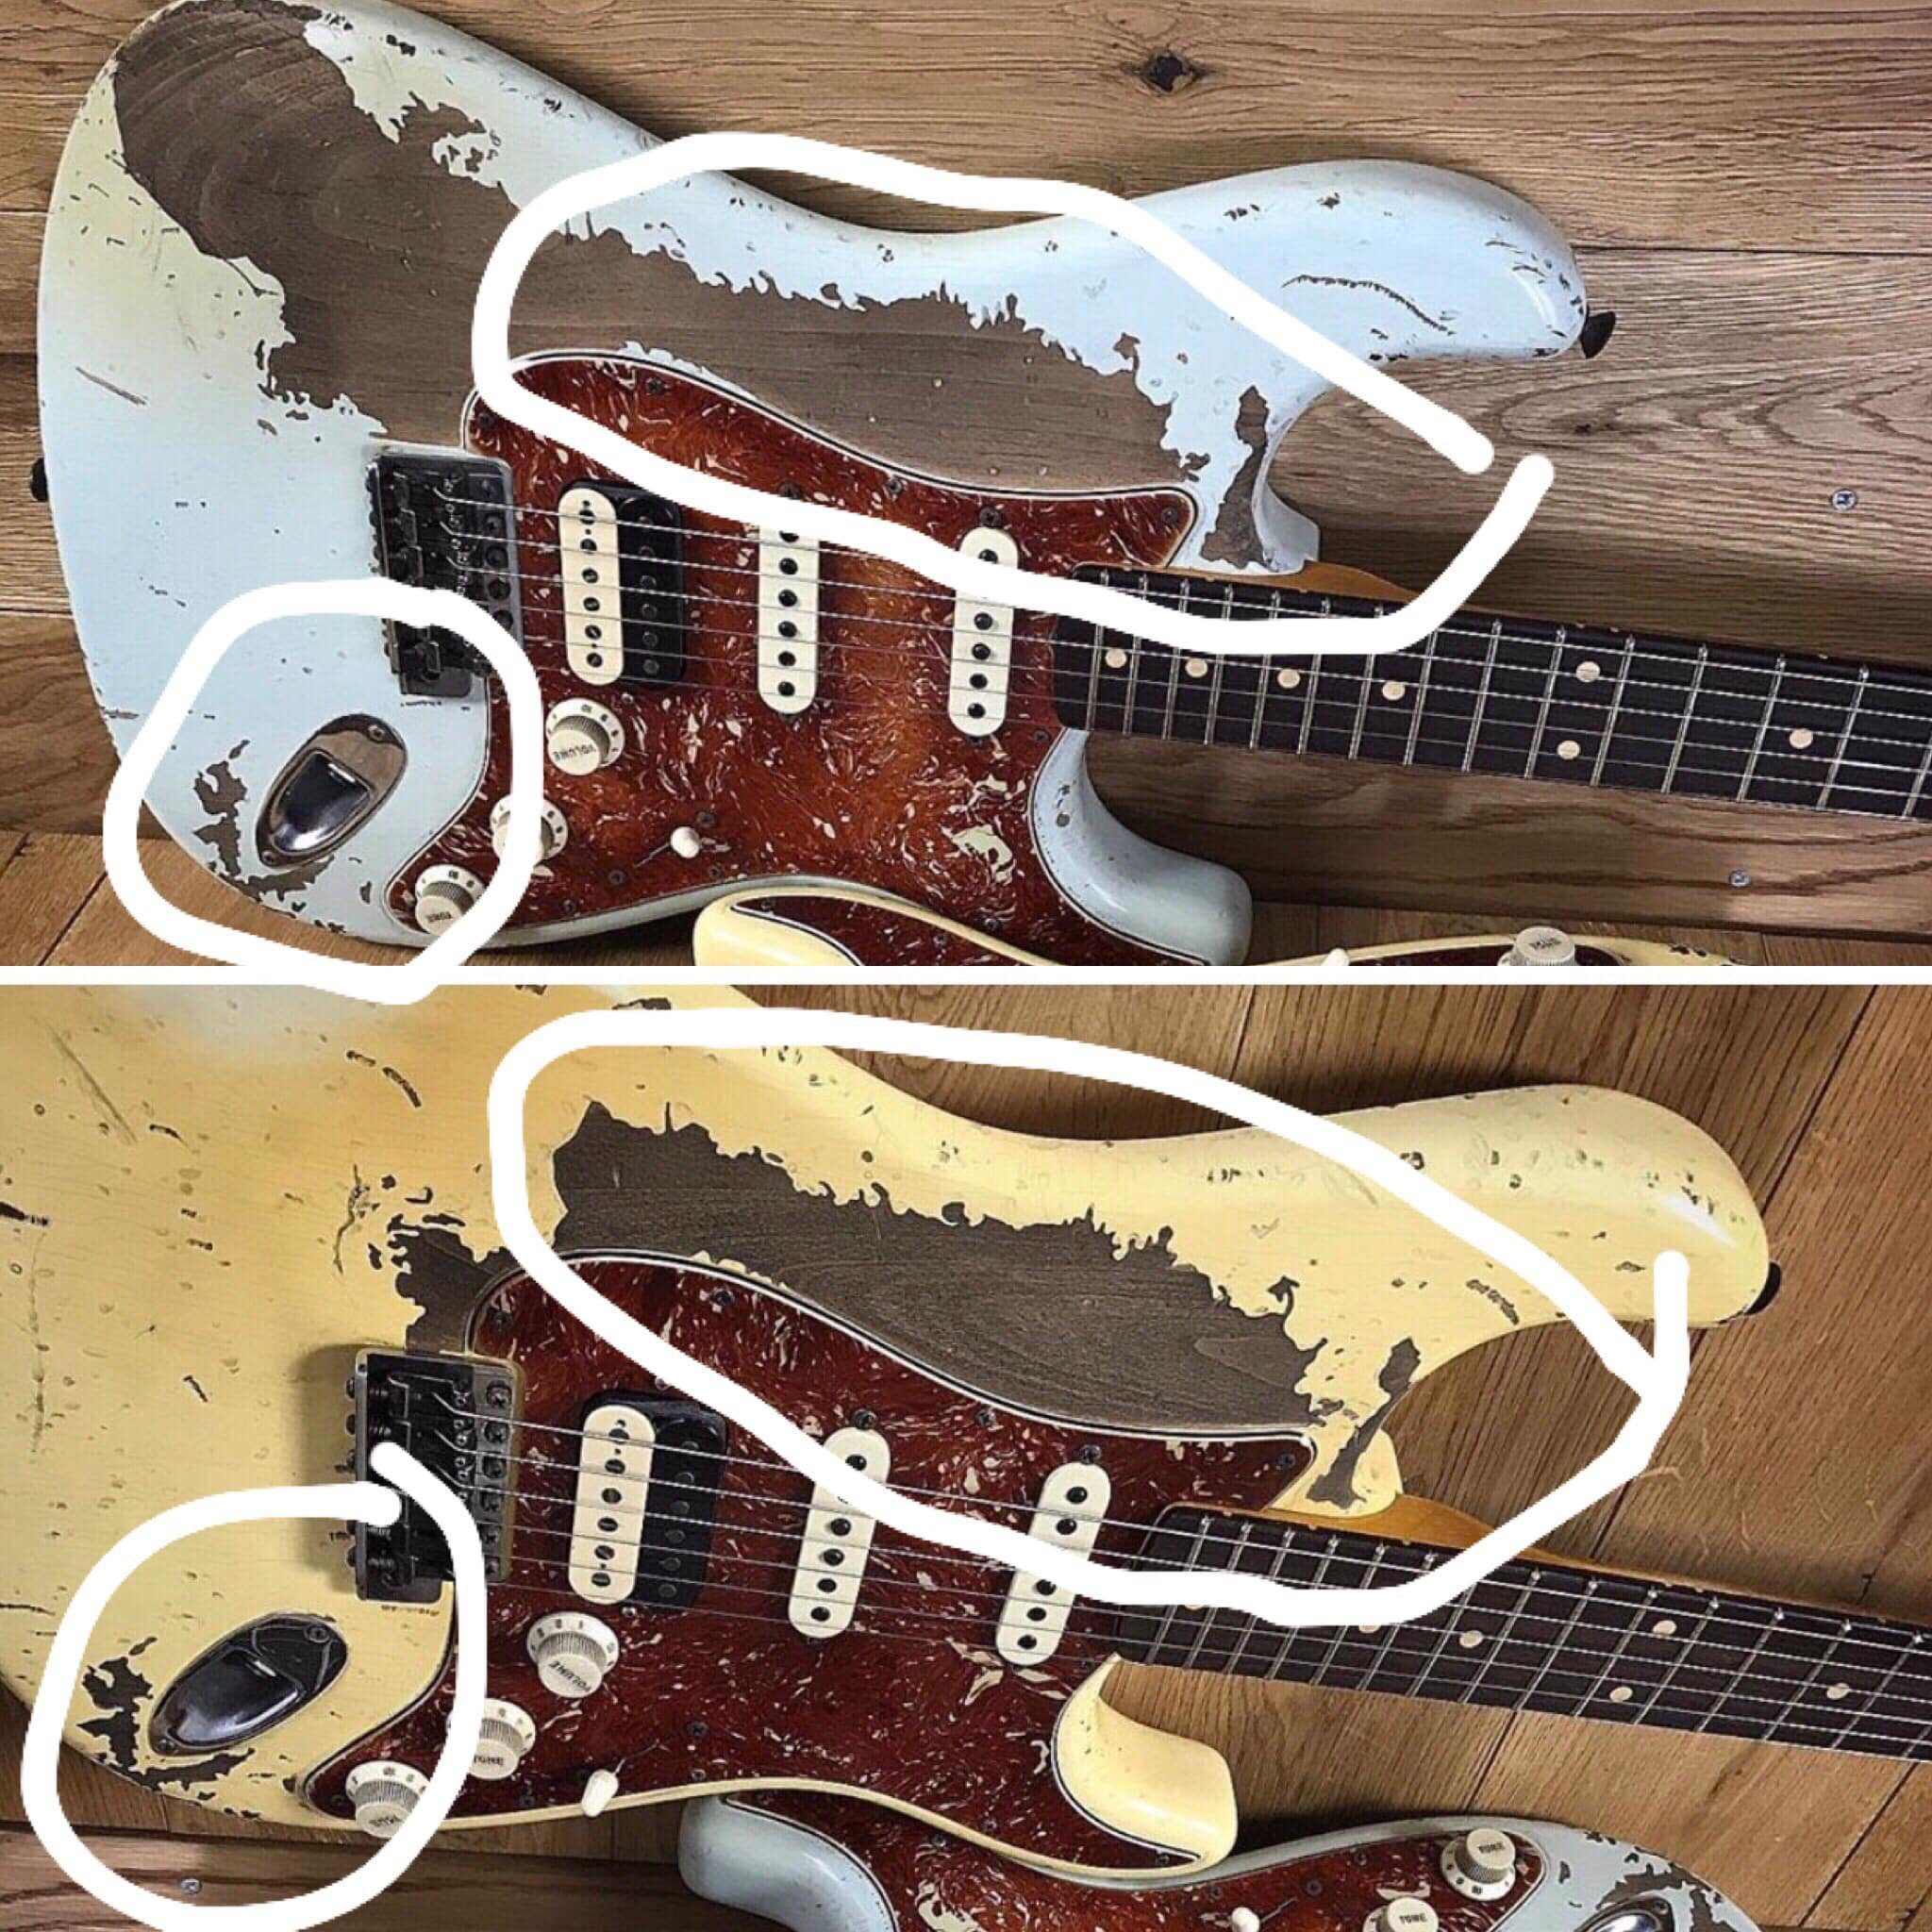 Poopot-Fender-relic-Stratocaster-comparison